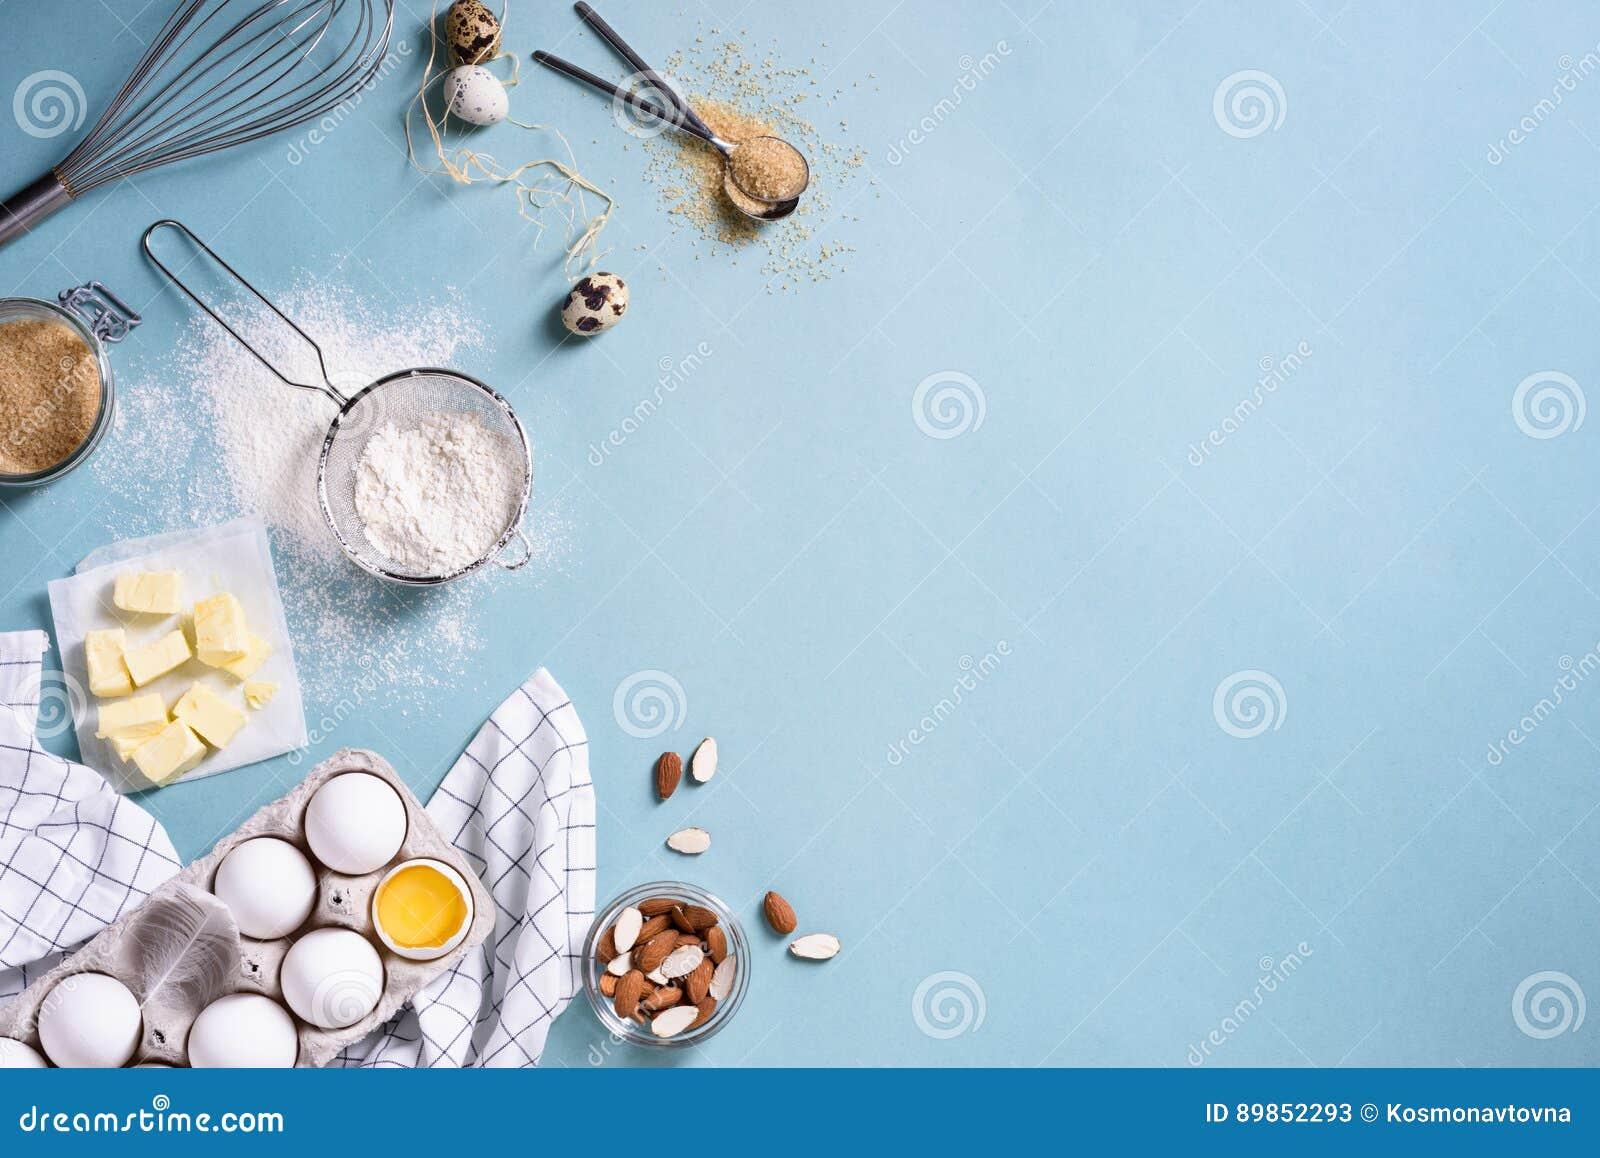 Les ingrédients sains de cuisson - flour, des écrous d amande, beurre, les oeufs, biscuits au-dessus d un fond bleu de table Vue